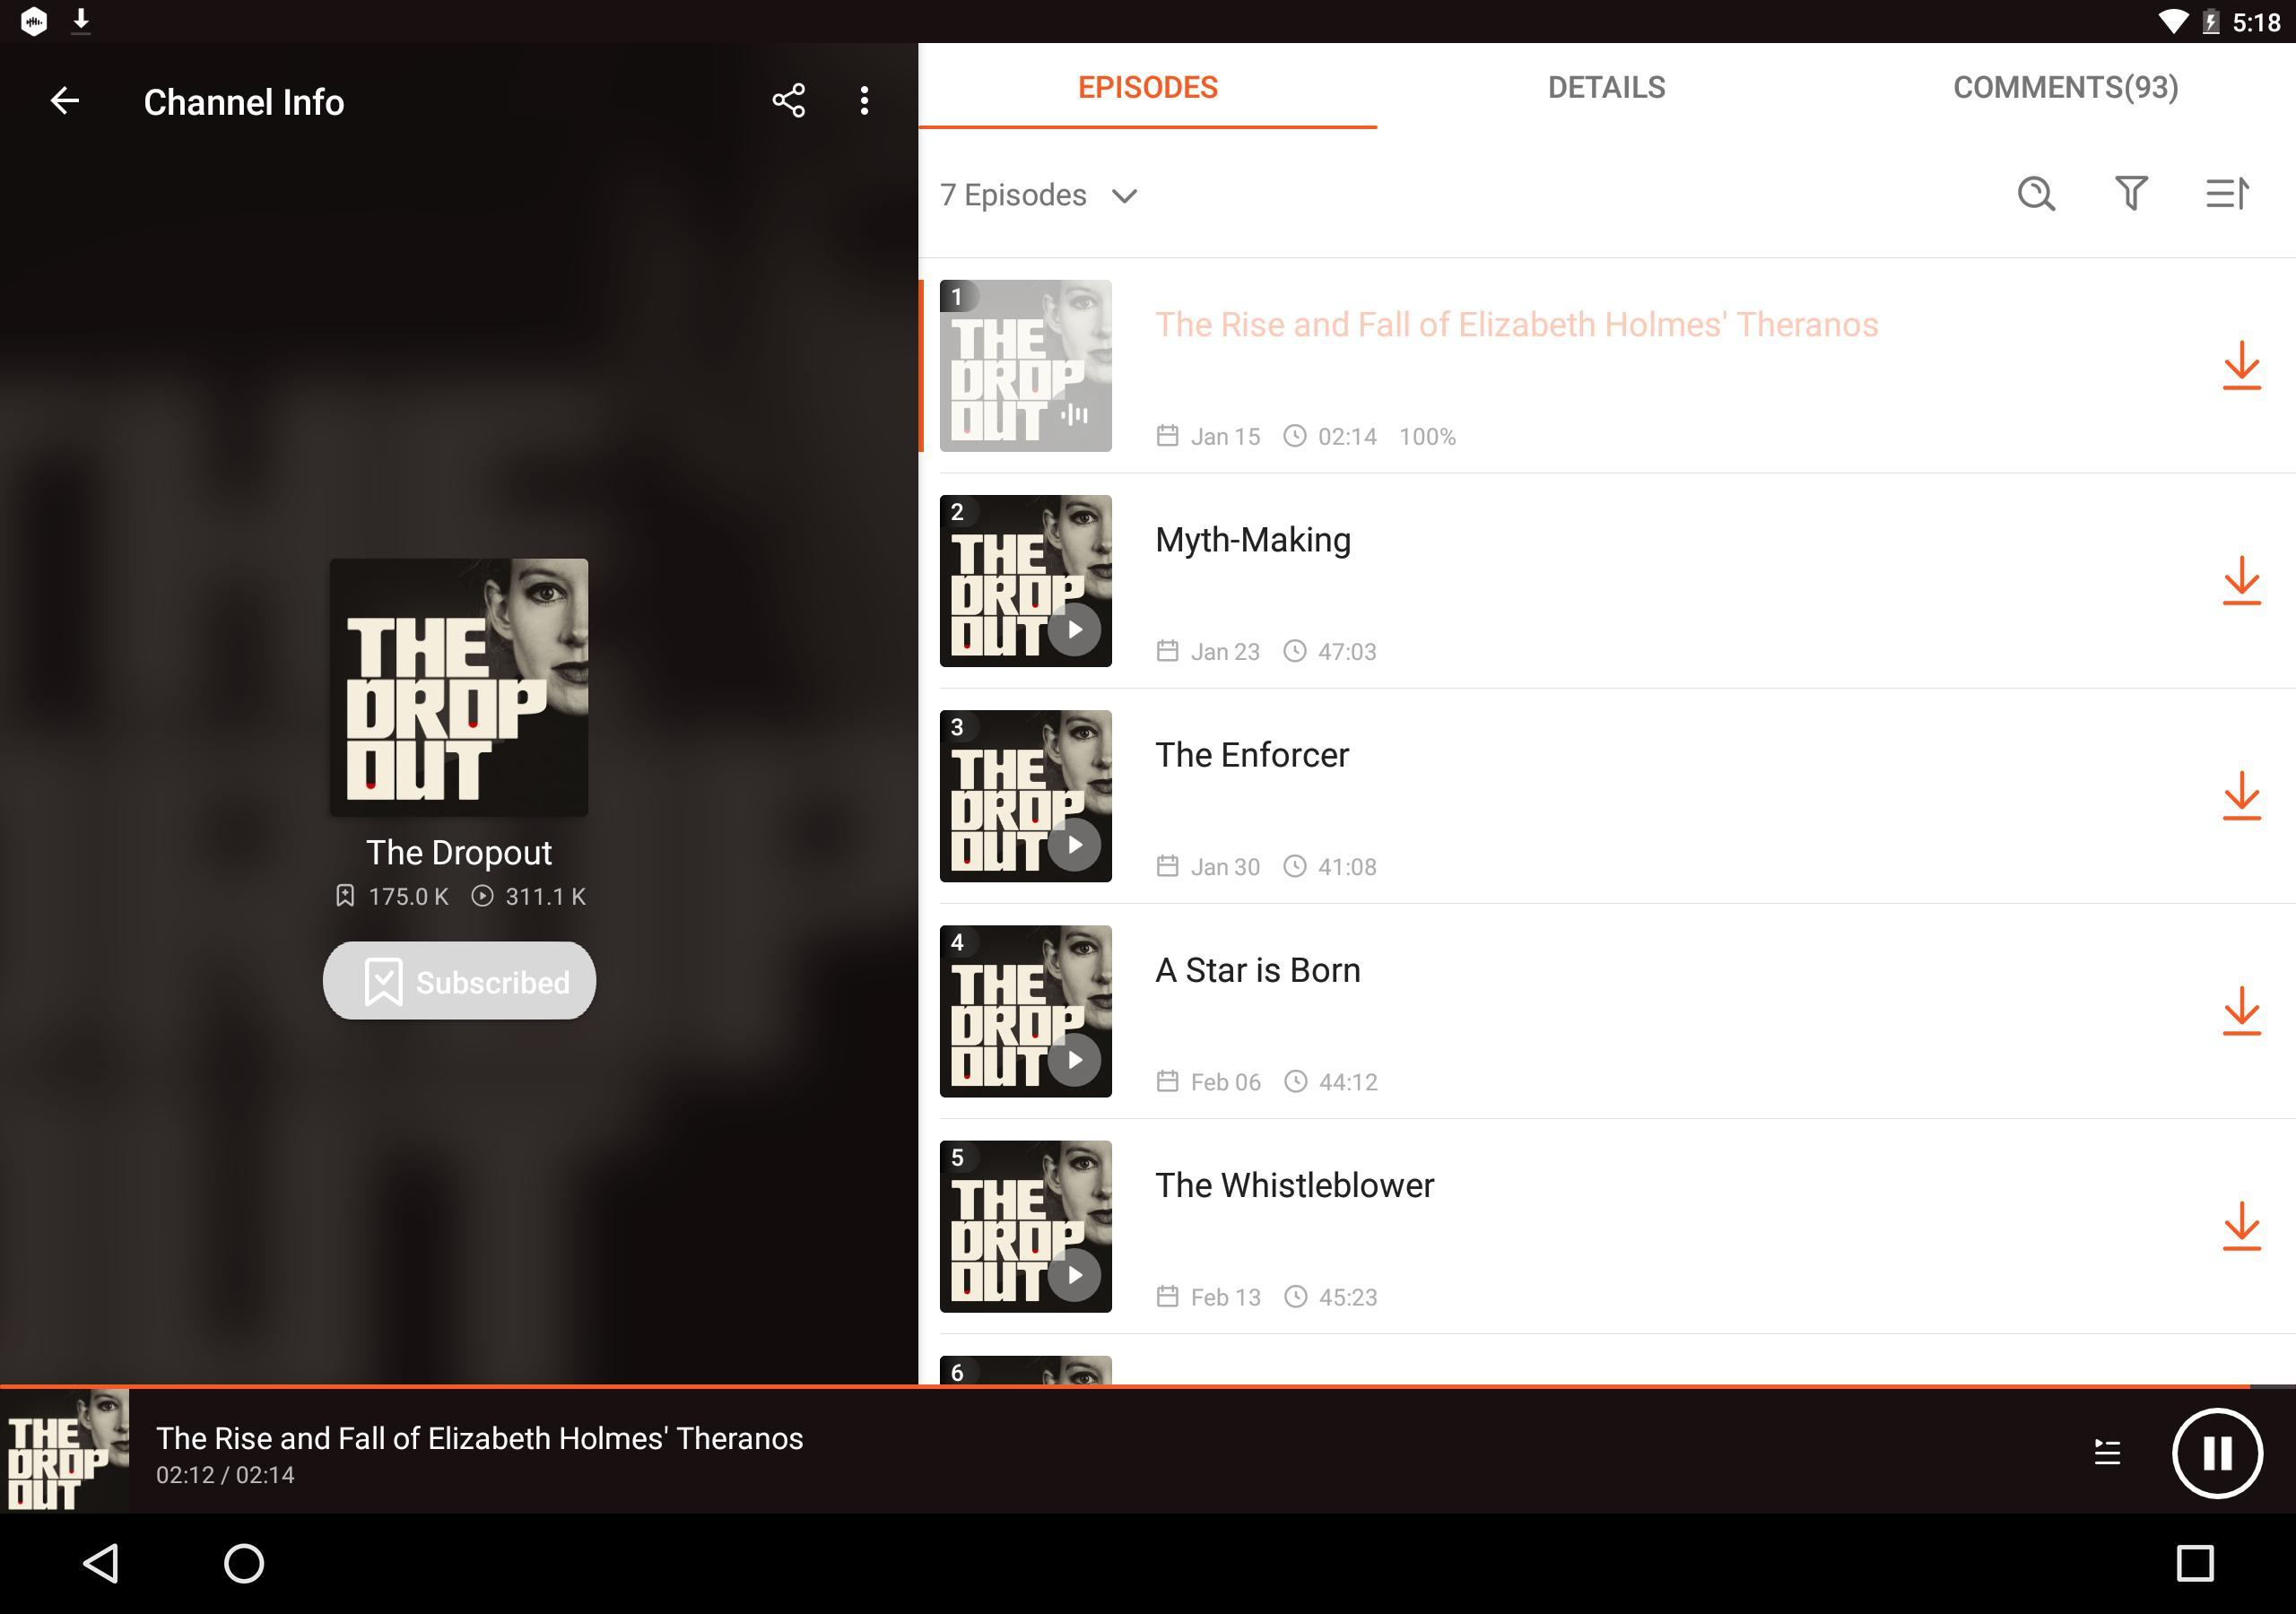 Podcast Player & Podcast App - Castbox 8.19.0-200927161 Screenshot 8